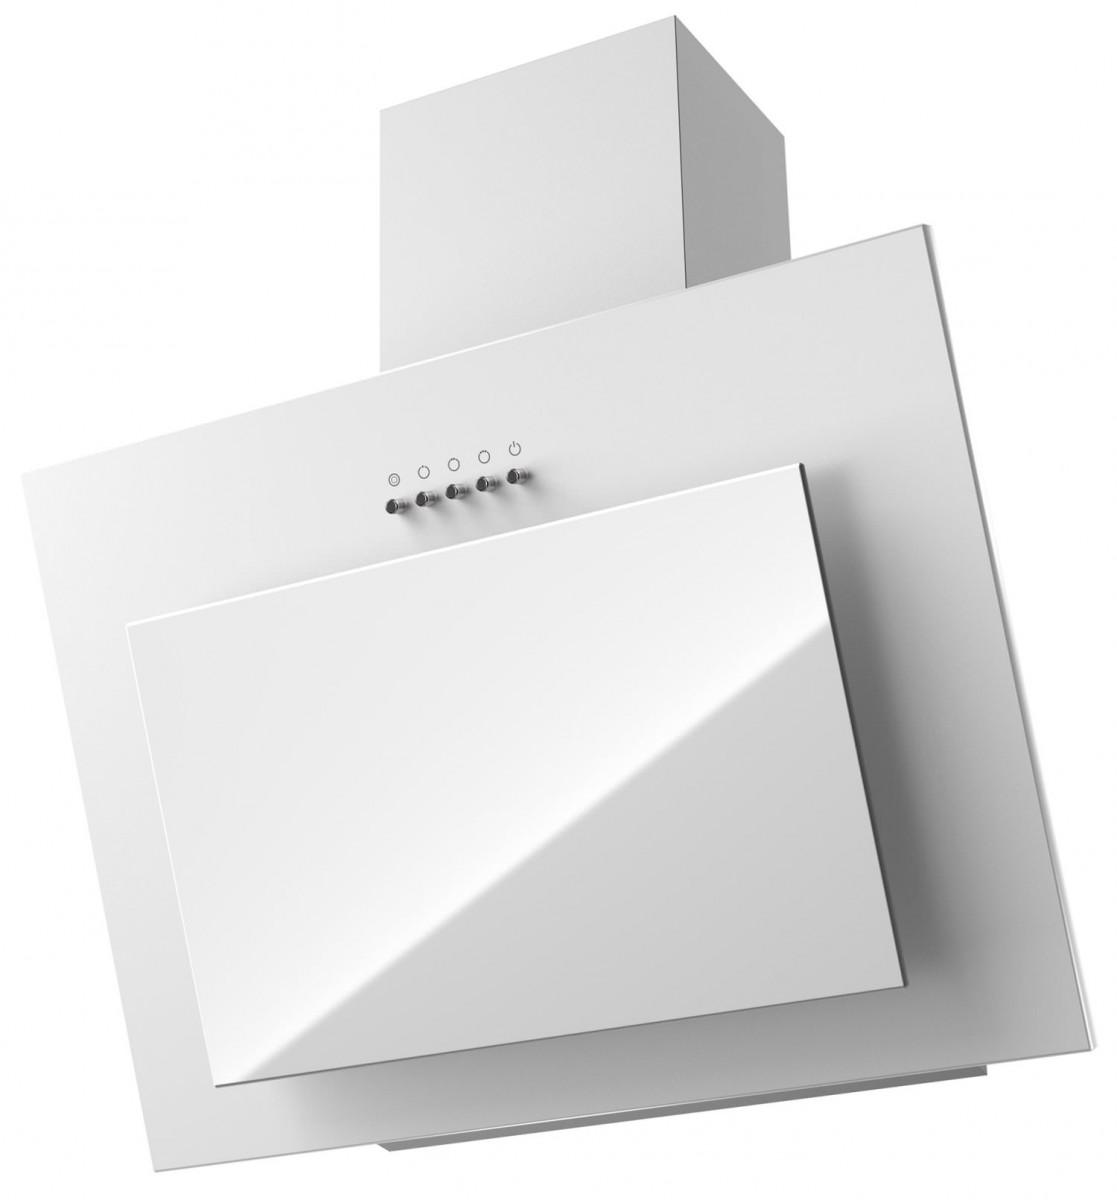 Вытяжка KRONA FREYA 600 white PB - Апис плюс